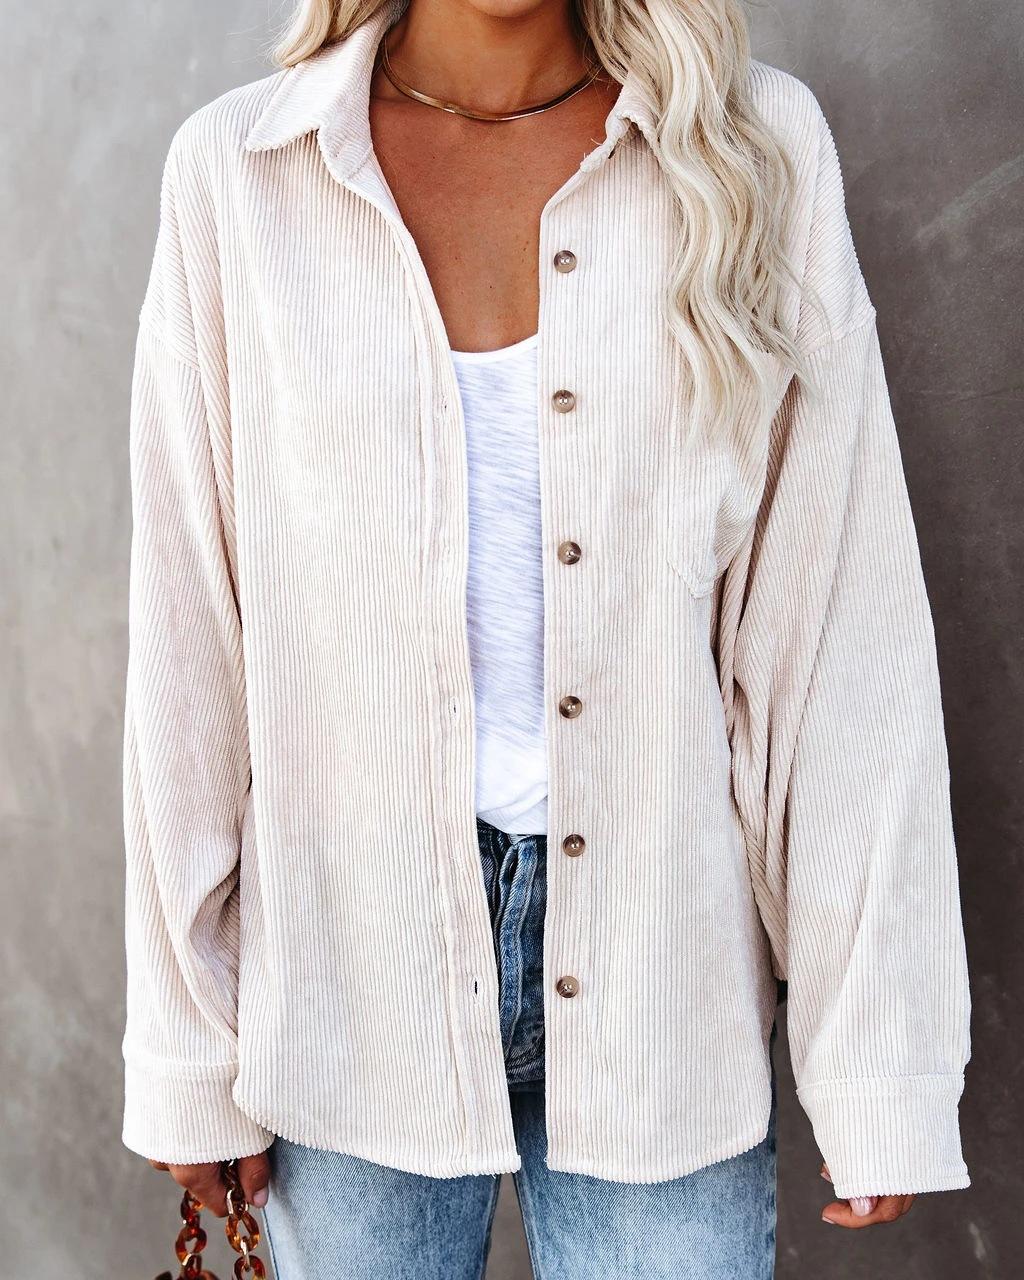 無地長袖シンプルボタンショート丈春秋折り襟シングルブレストシャツ・ブラウス